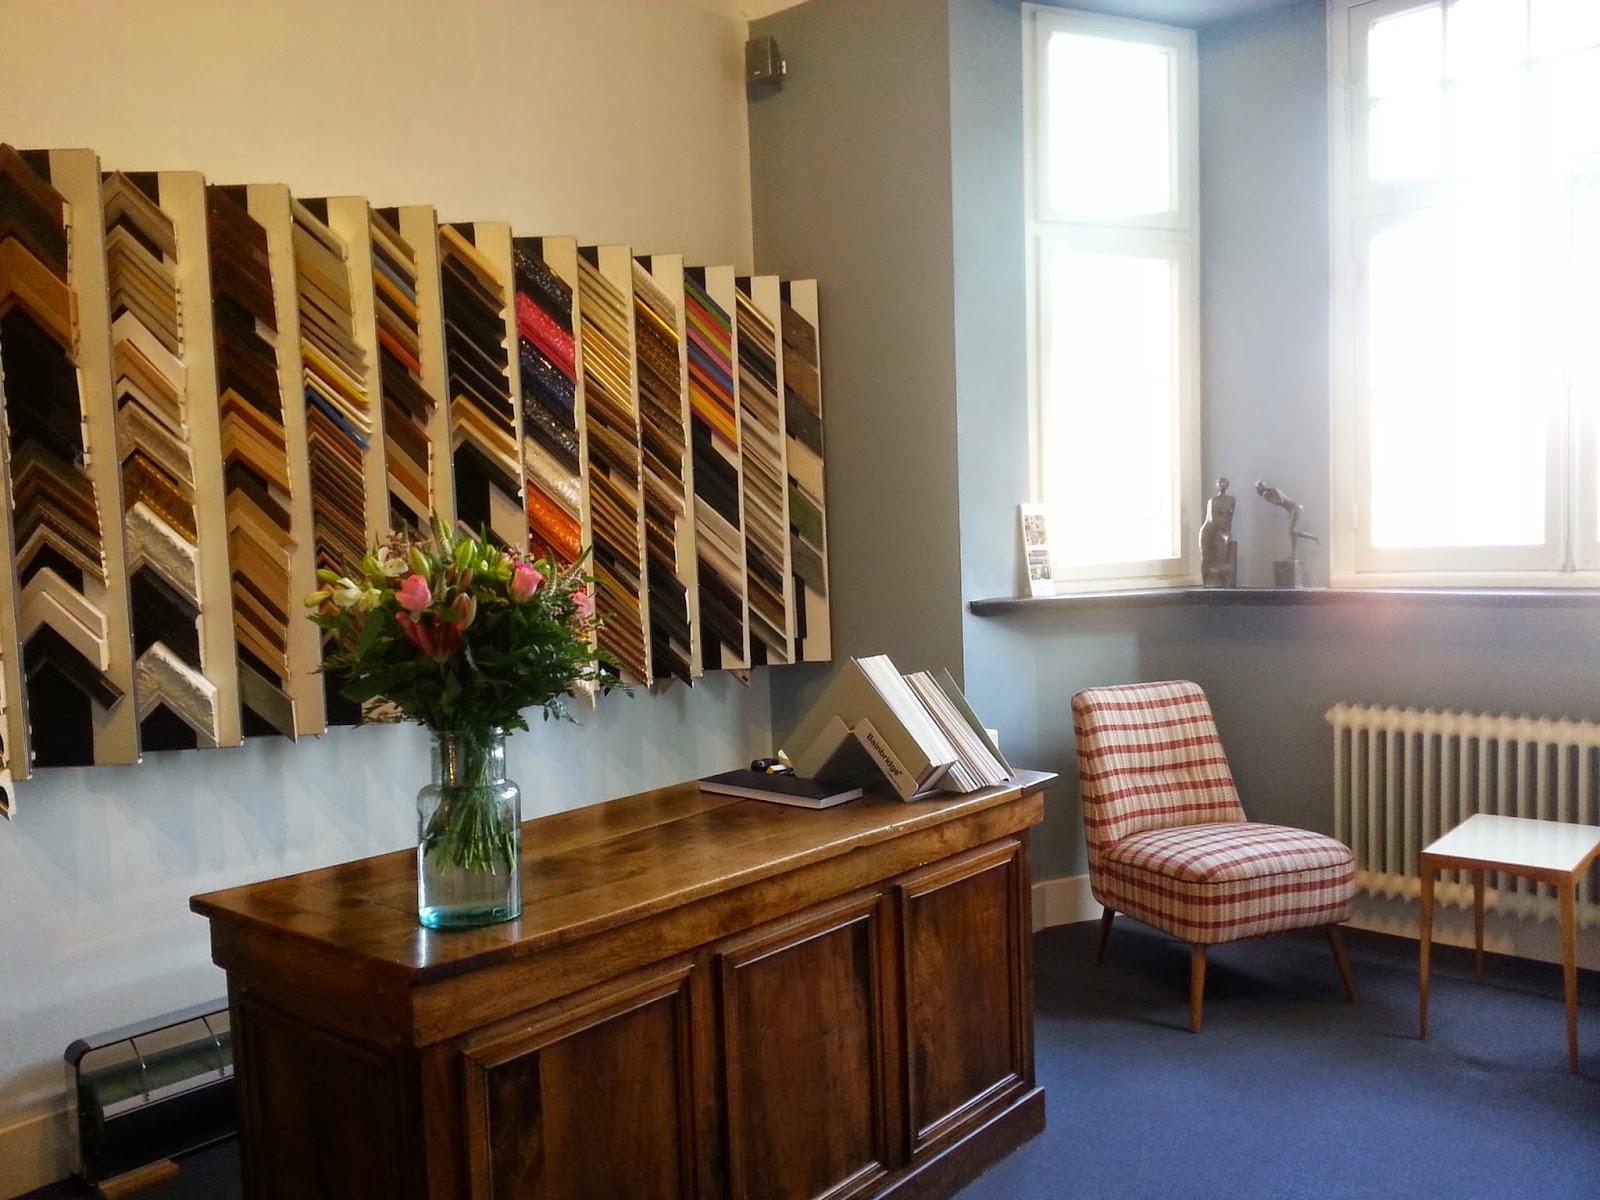 I R O K | galerie lijstenmakerij kunstuitleen | horst & panningen ...